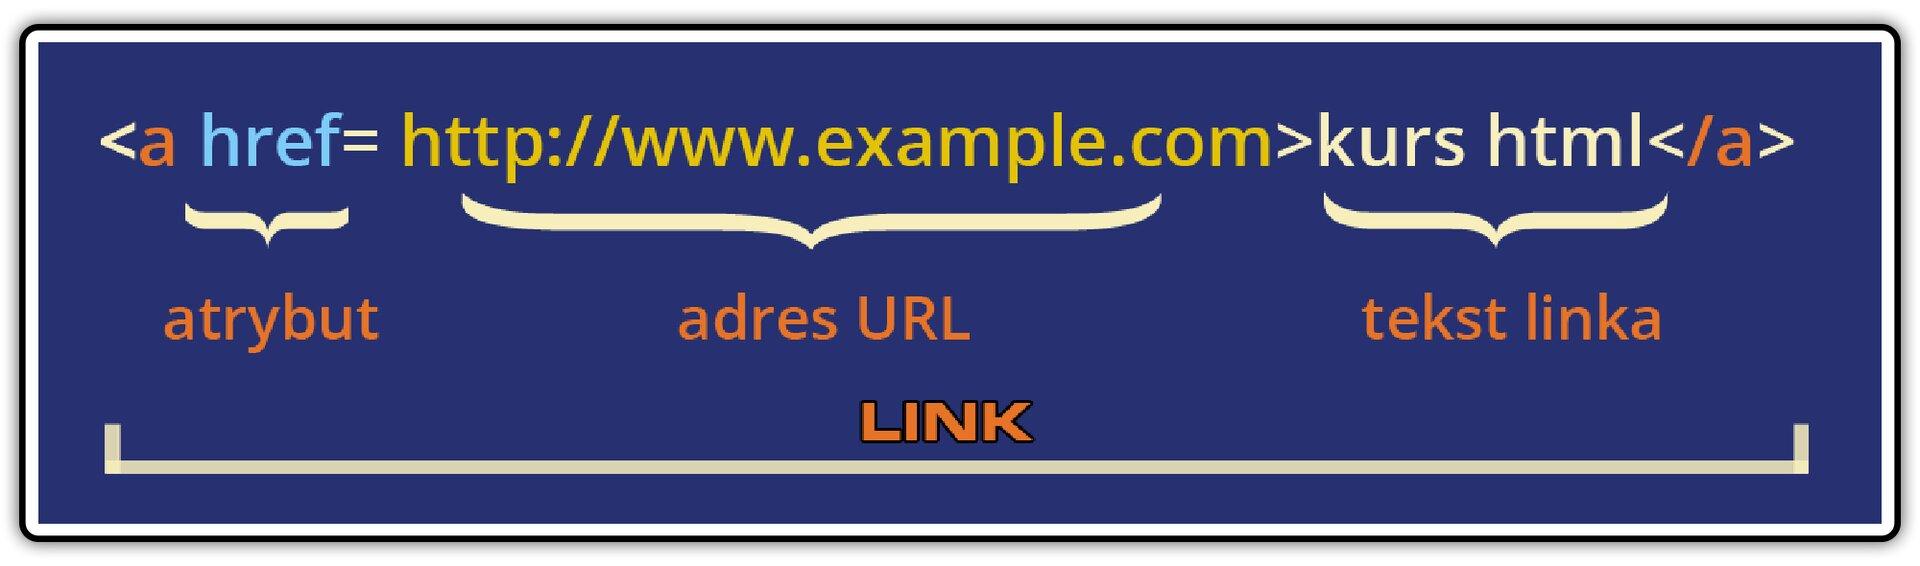 Ilustracja przedstawiająca strukturę etykiety określającej połączenie do dowolnego adresu wInternecie